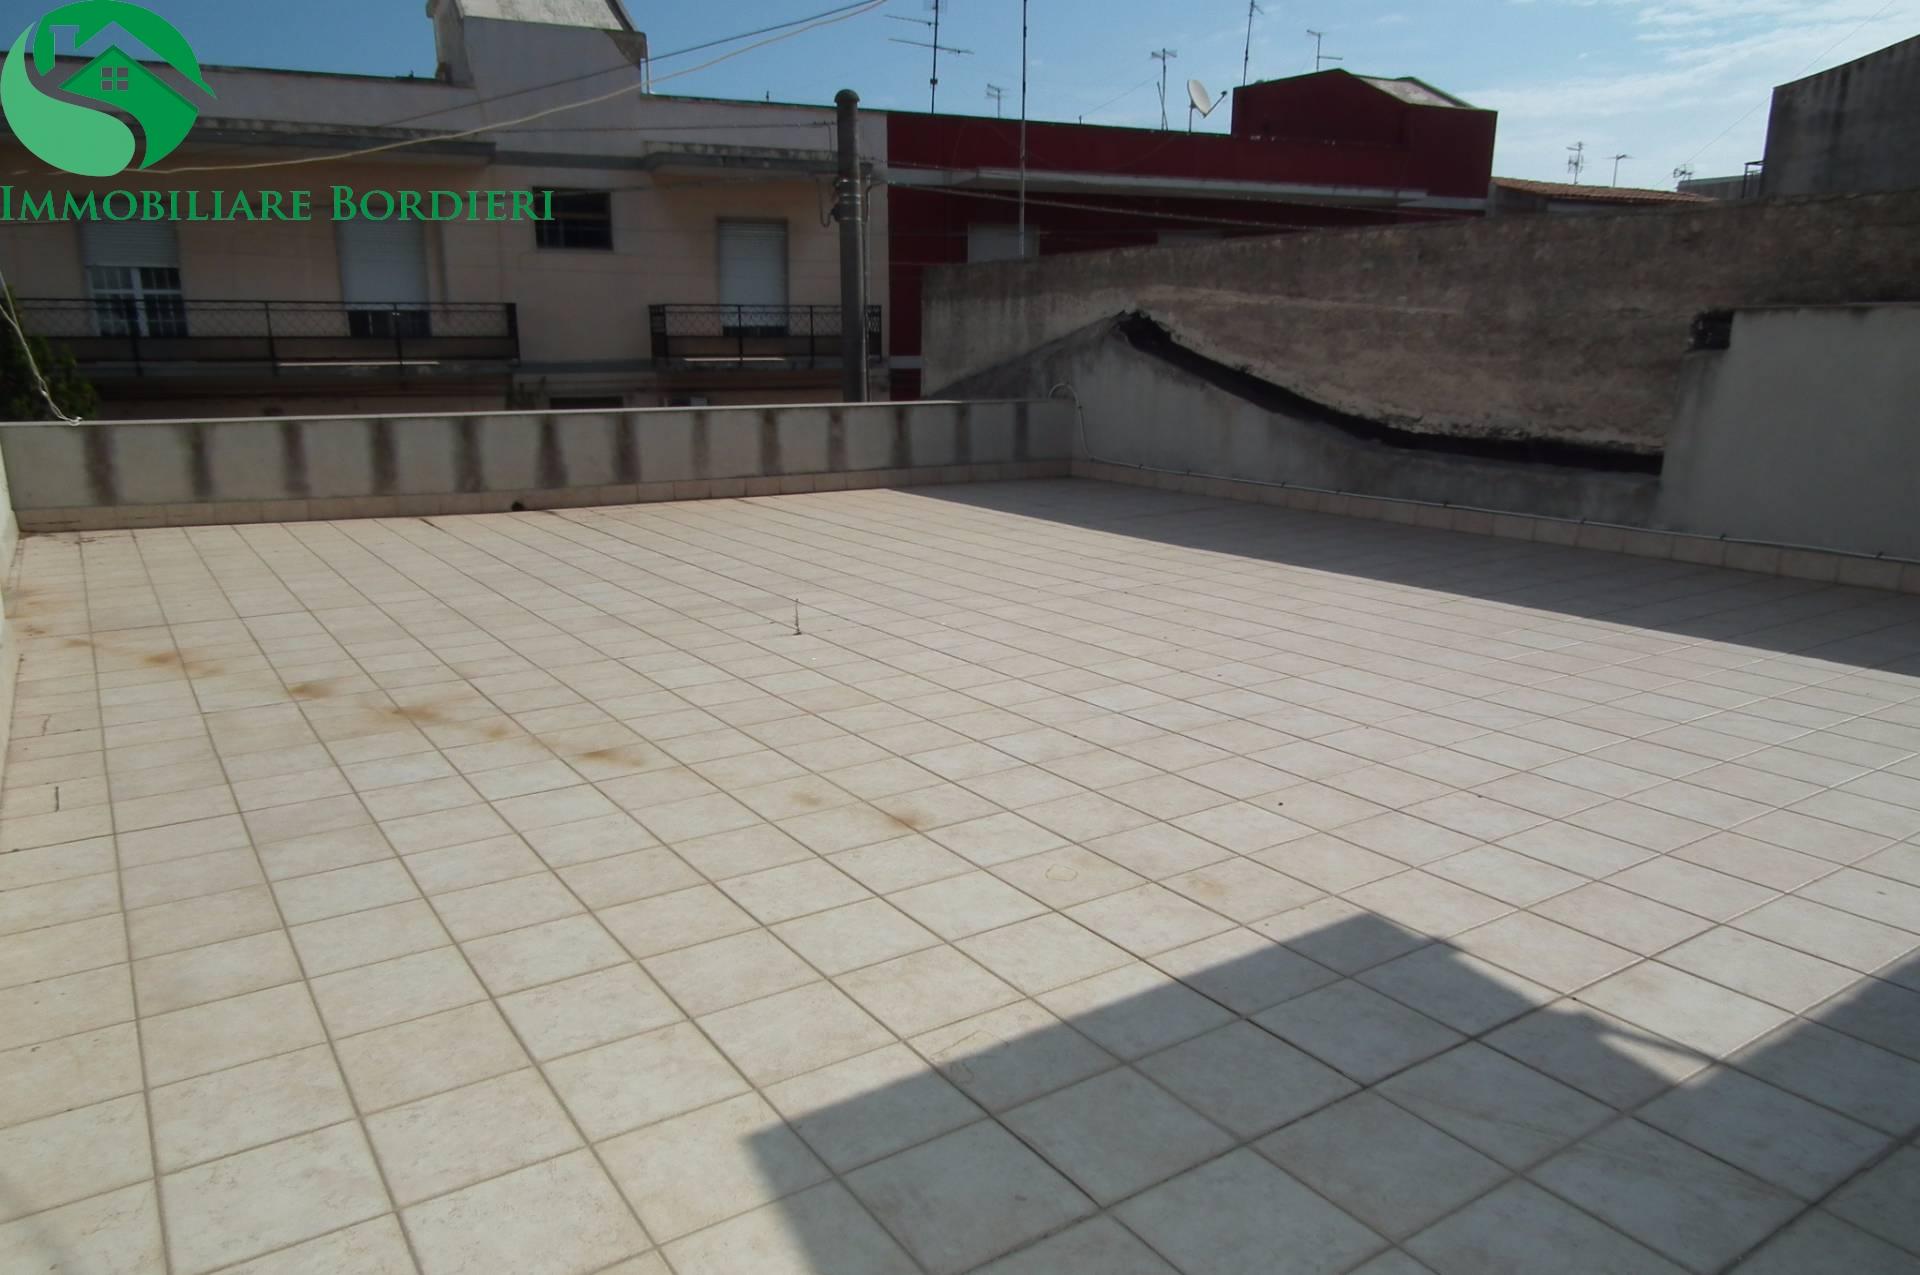 Soluzione Indipendente in vendita a Siracusa, 6 locali, zona Zona: Belvedere, prezzo € 100.000 | Cambio Casa.it